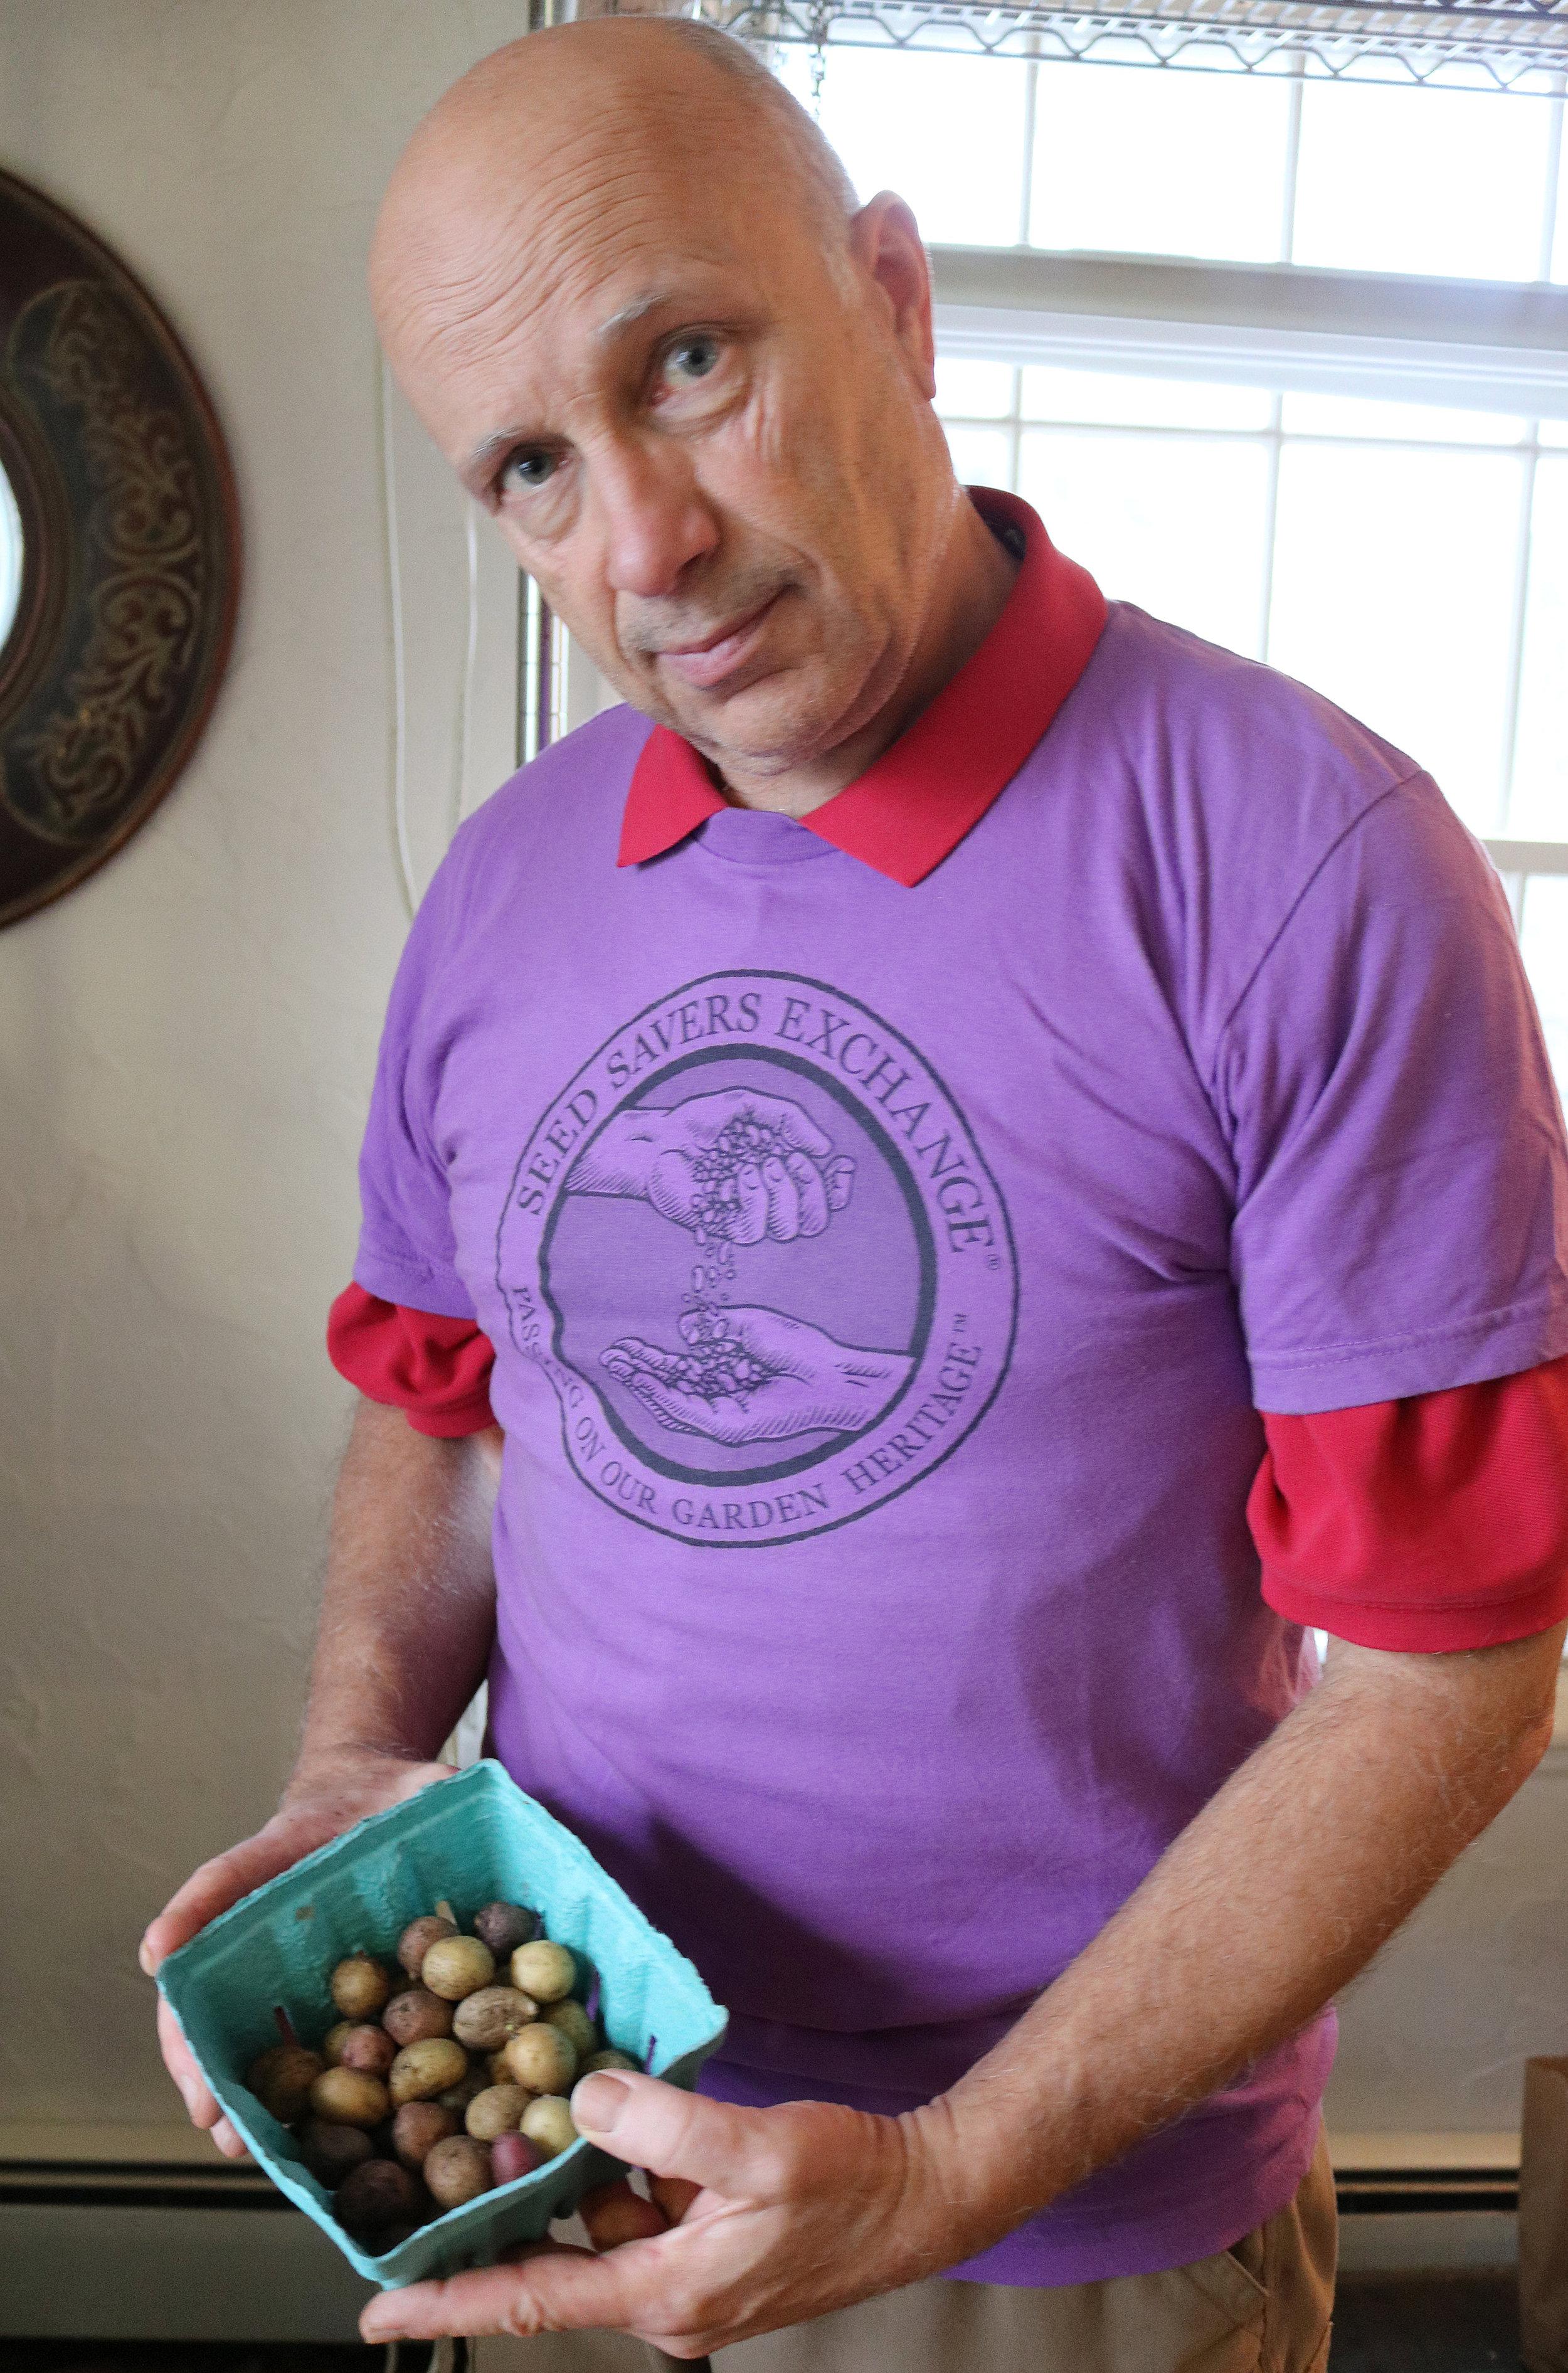 亚博电竞演员卡米奇,卡米奇,他的粉丝,让他从亚马逊的葡萄园里看到了,从意大利的玫瑰上提取的。